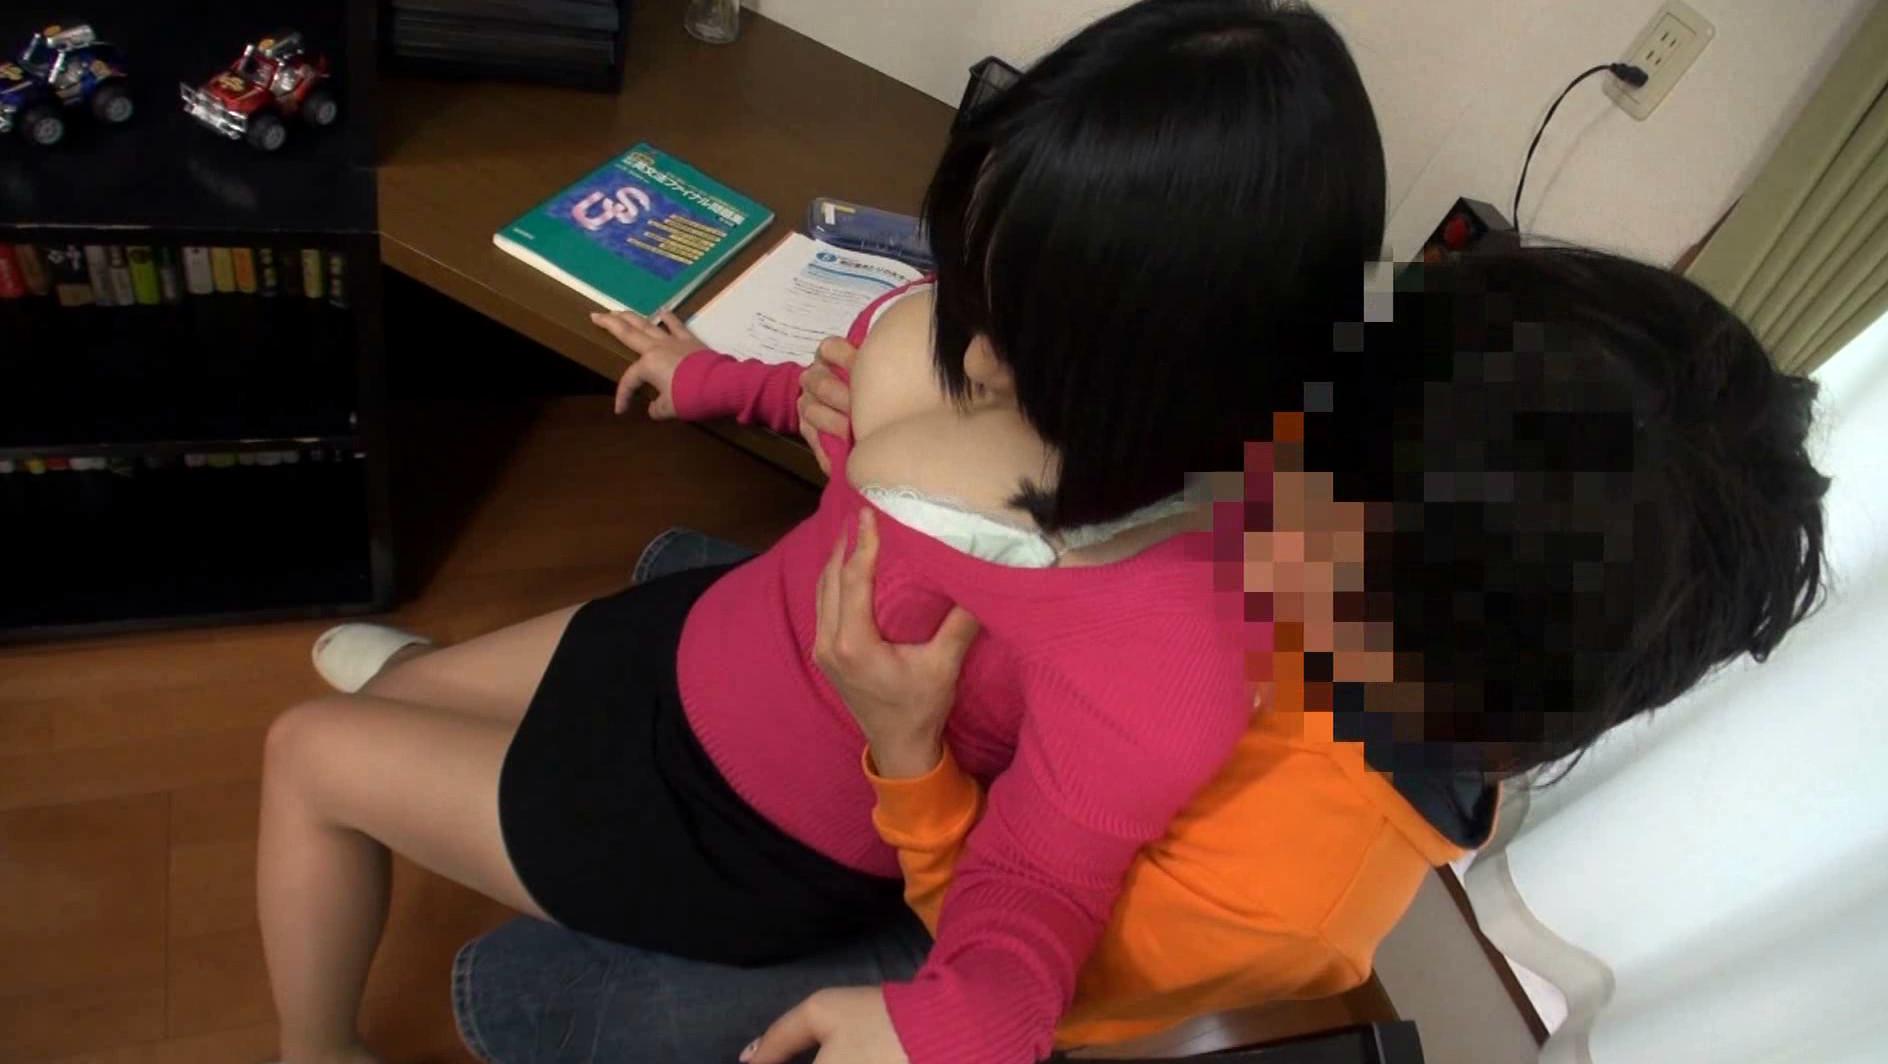 ボイン大好きしょう太くんのHなイタズラ 前田優希 画像7